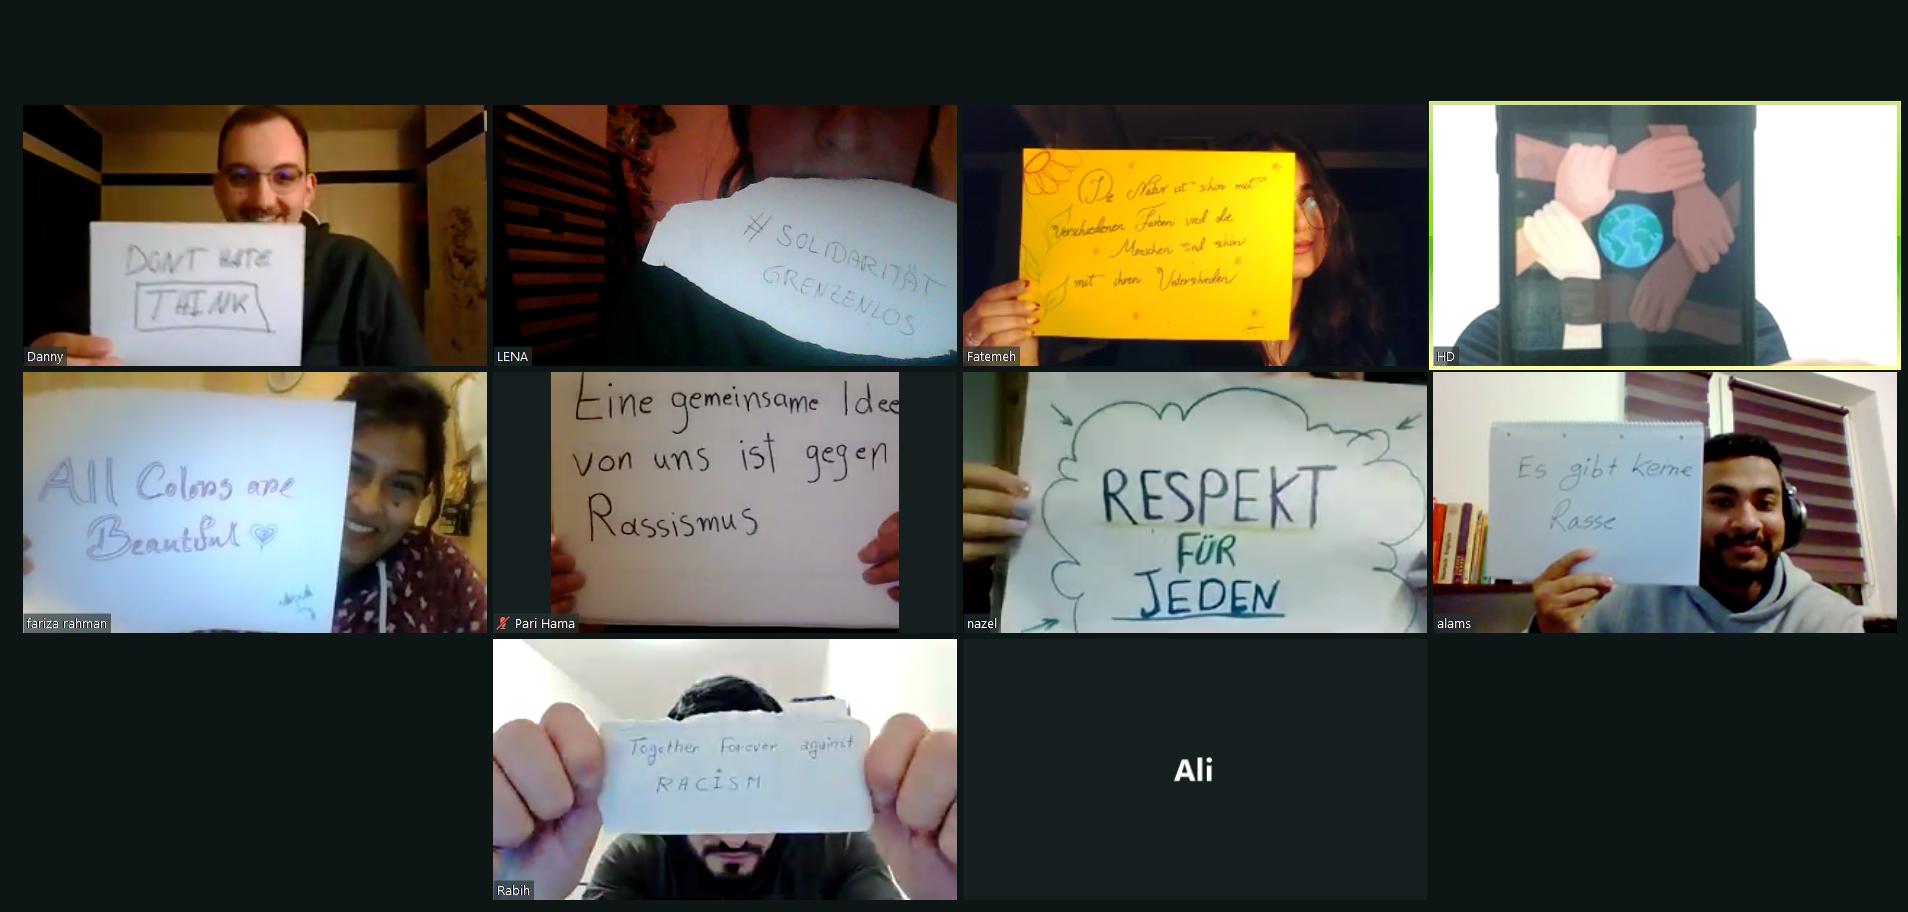 *Move it digital*: Bildbearbeitung für Anti-Rassismus-Kampagne